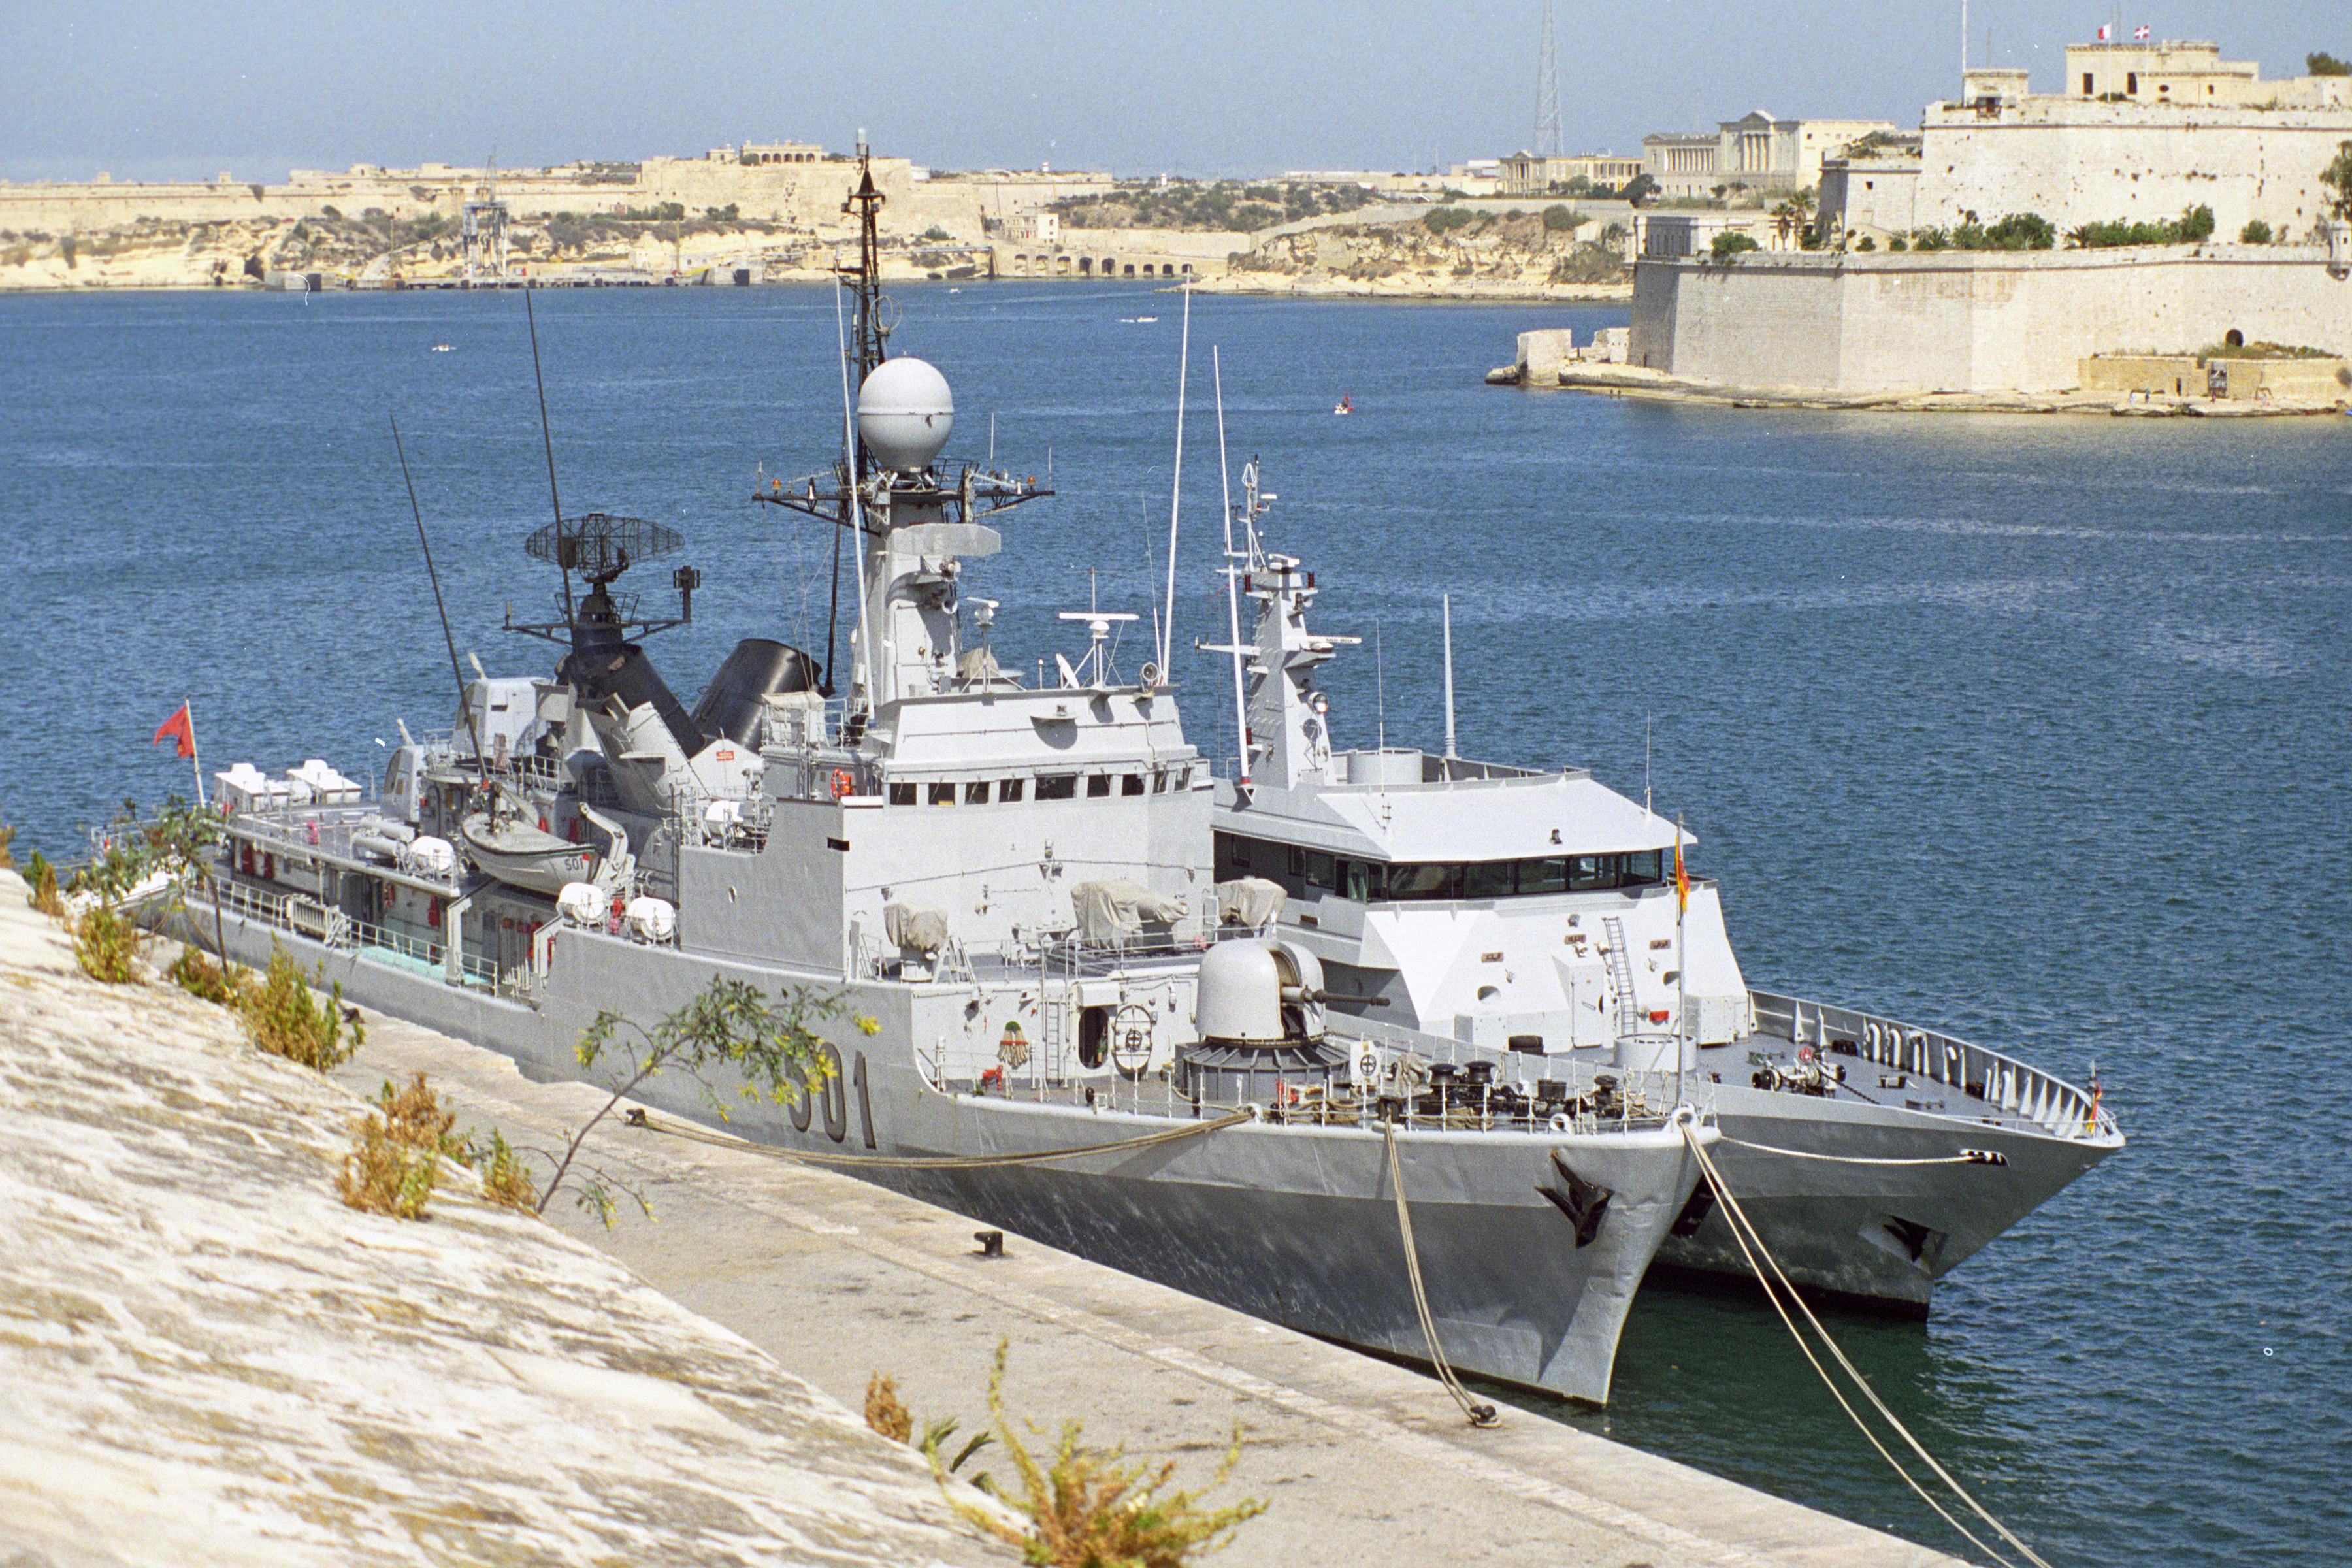 Royal Moroccan Navy Descubierta Frigate / Patrouilleur Océanique Lt Cl Errahmani - Bâtiment École - Page 3 24954225226_7667650bd7_o